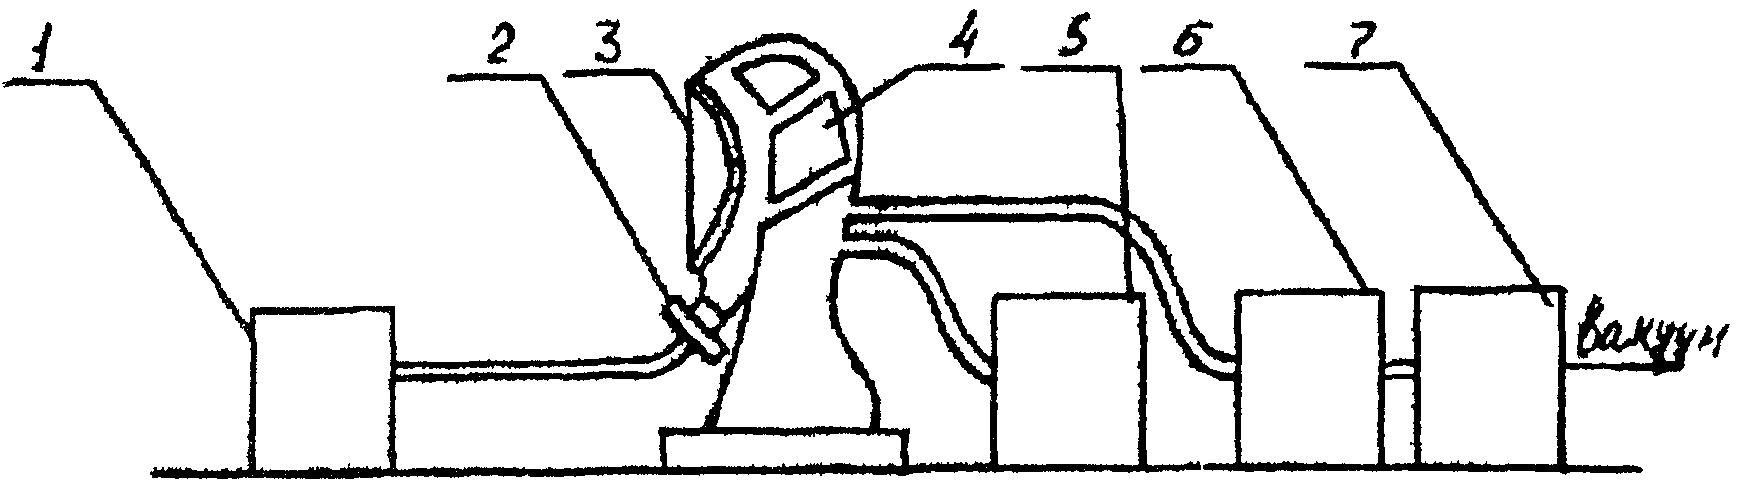 Рис.7.2. Принципиальная схема соединения оборудования для определения давления открытия клапана легочного автомата...